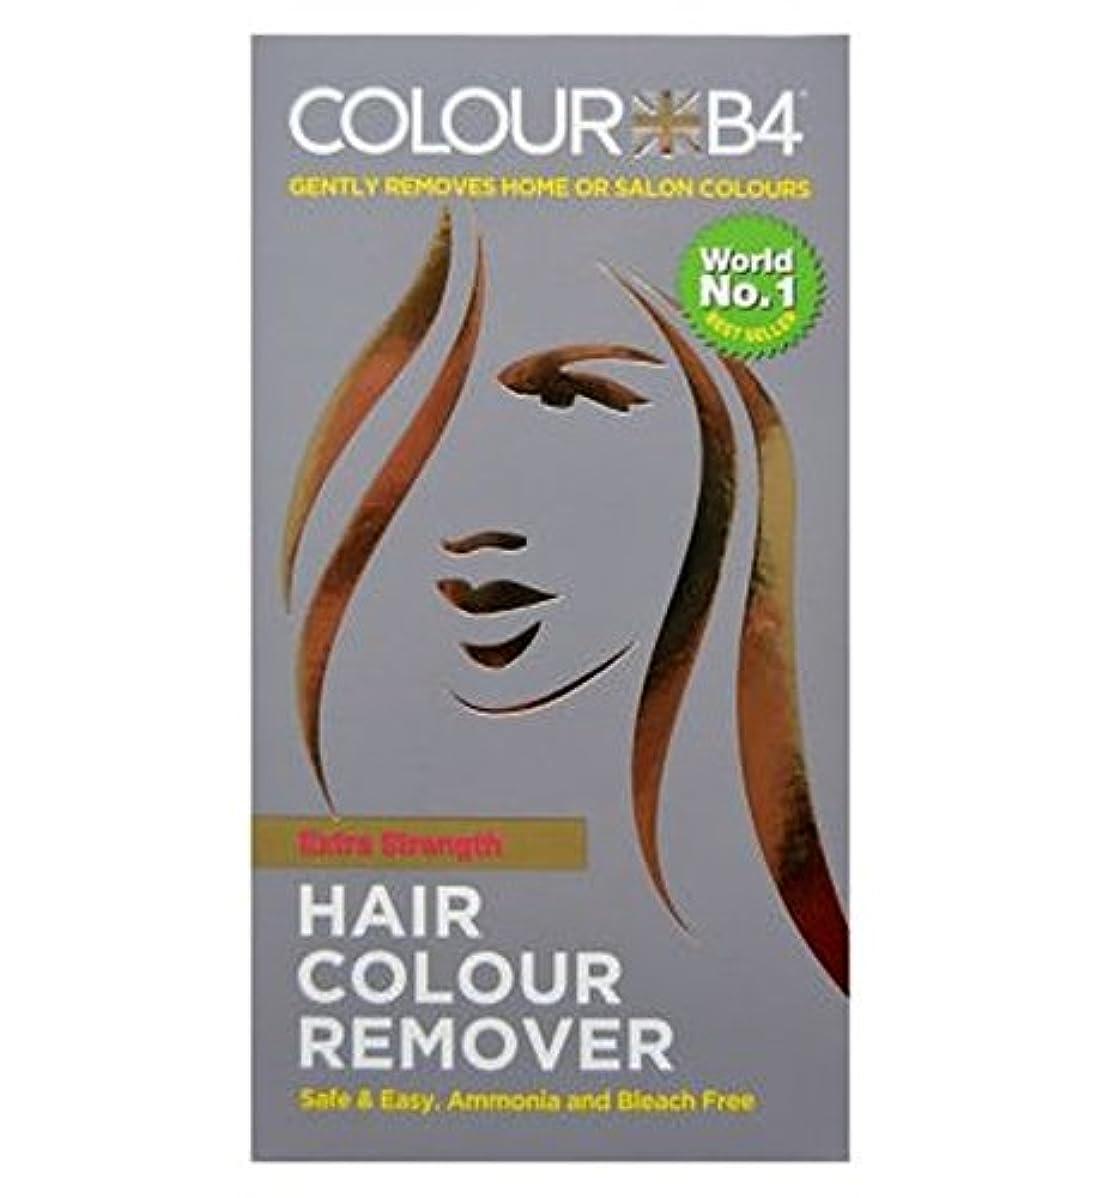 粘性の請求維持するカラーB4。ヘアカラーリムーバー余分な強さ (ColourB4) (x2) - Colour B4. Hair colour remover extra strength (Pack of 2) [並行輸入品]